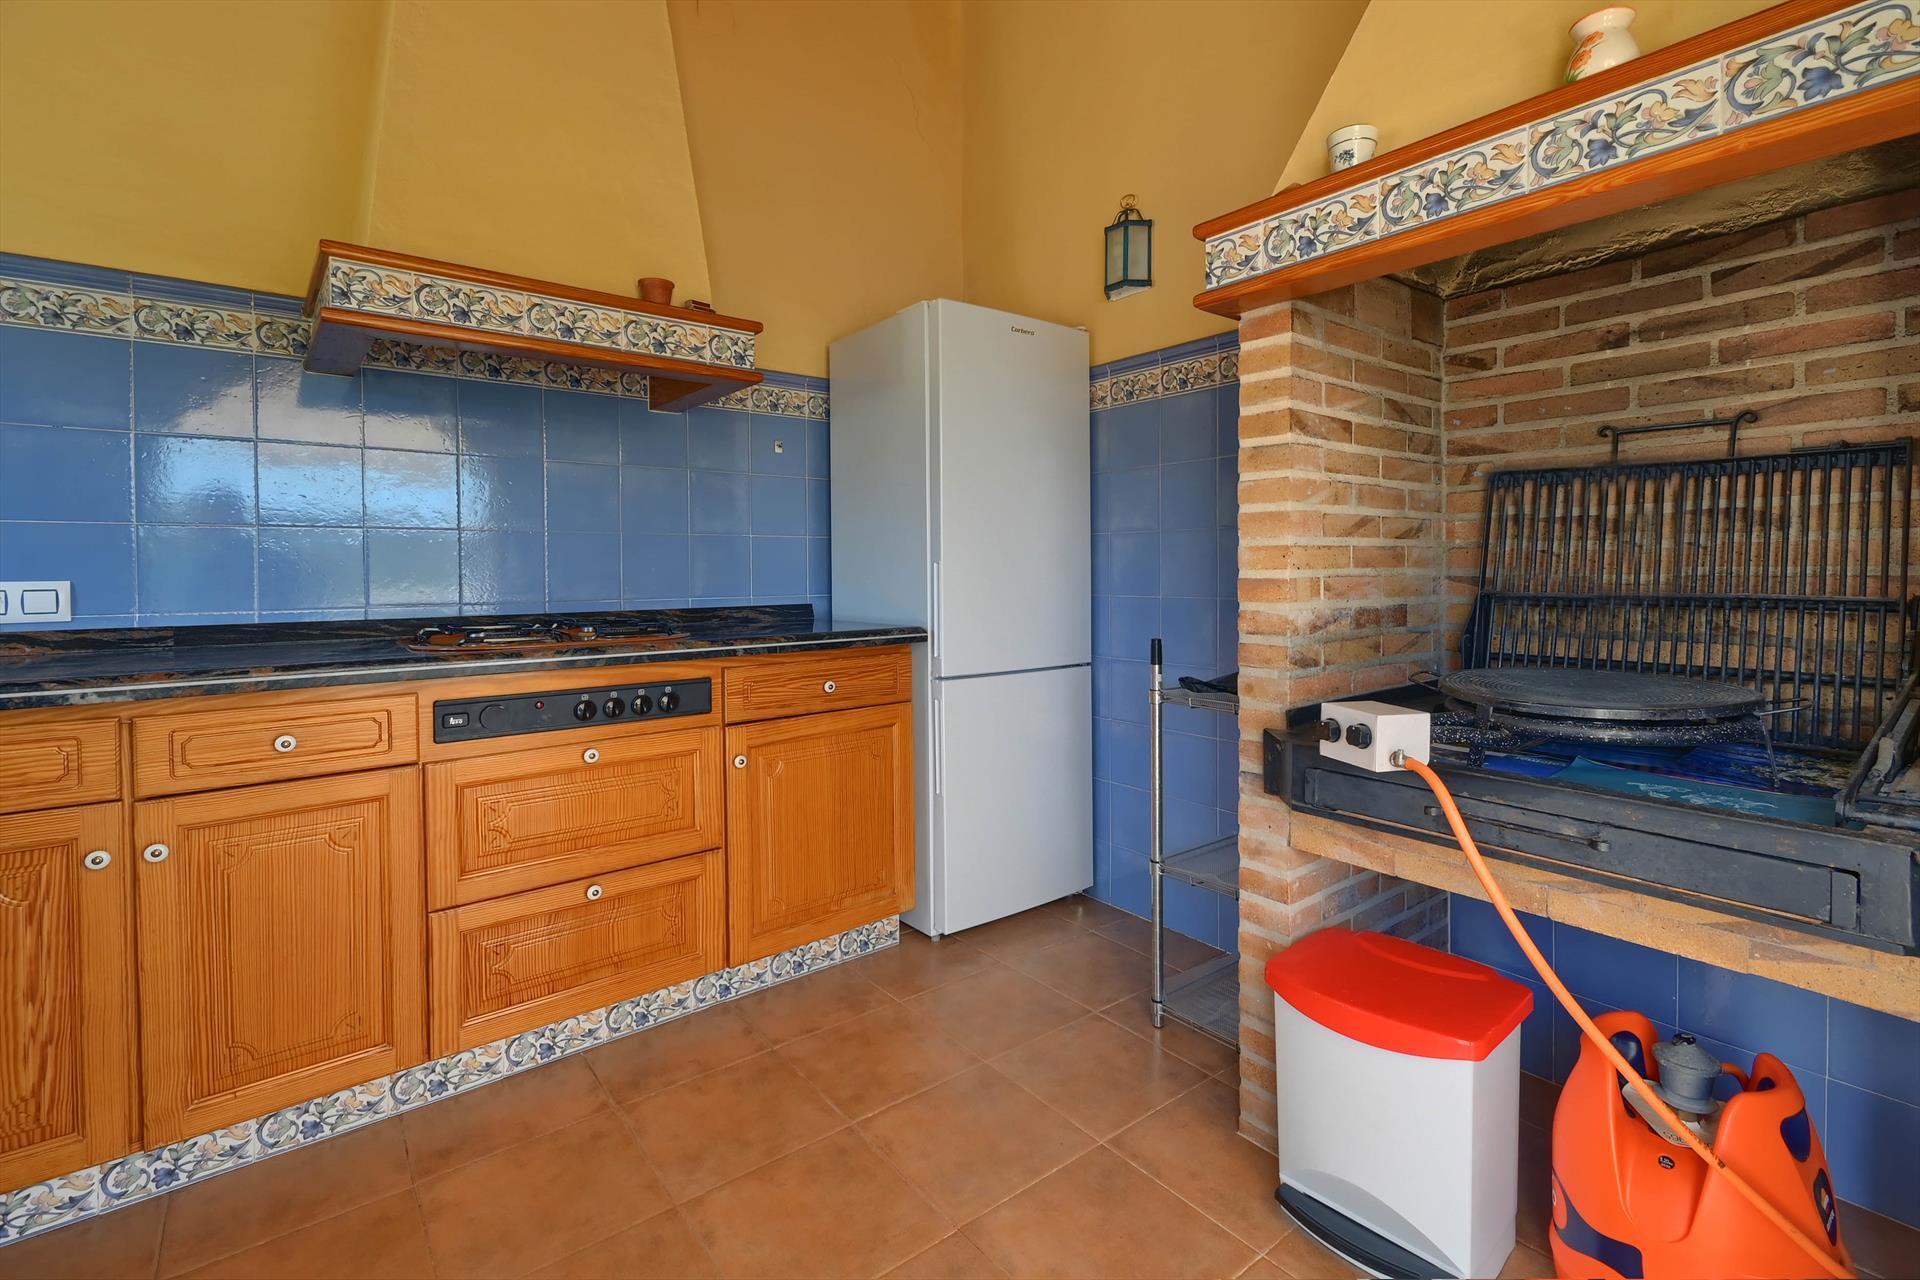 Abiareta casa de vacaciones en javea costa blanca espa a - Cambio de casa para vacaciones ...